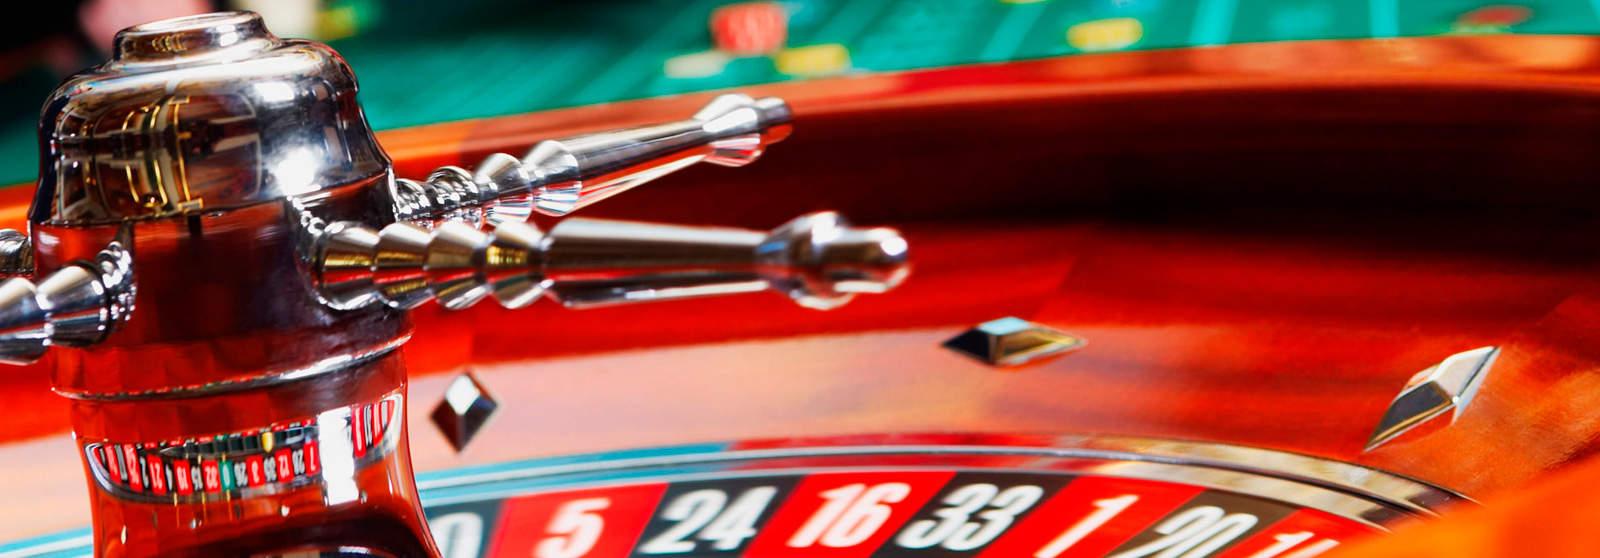 slot machine del casinò gioco di macchine da gioco sul ventilatore